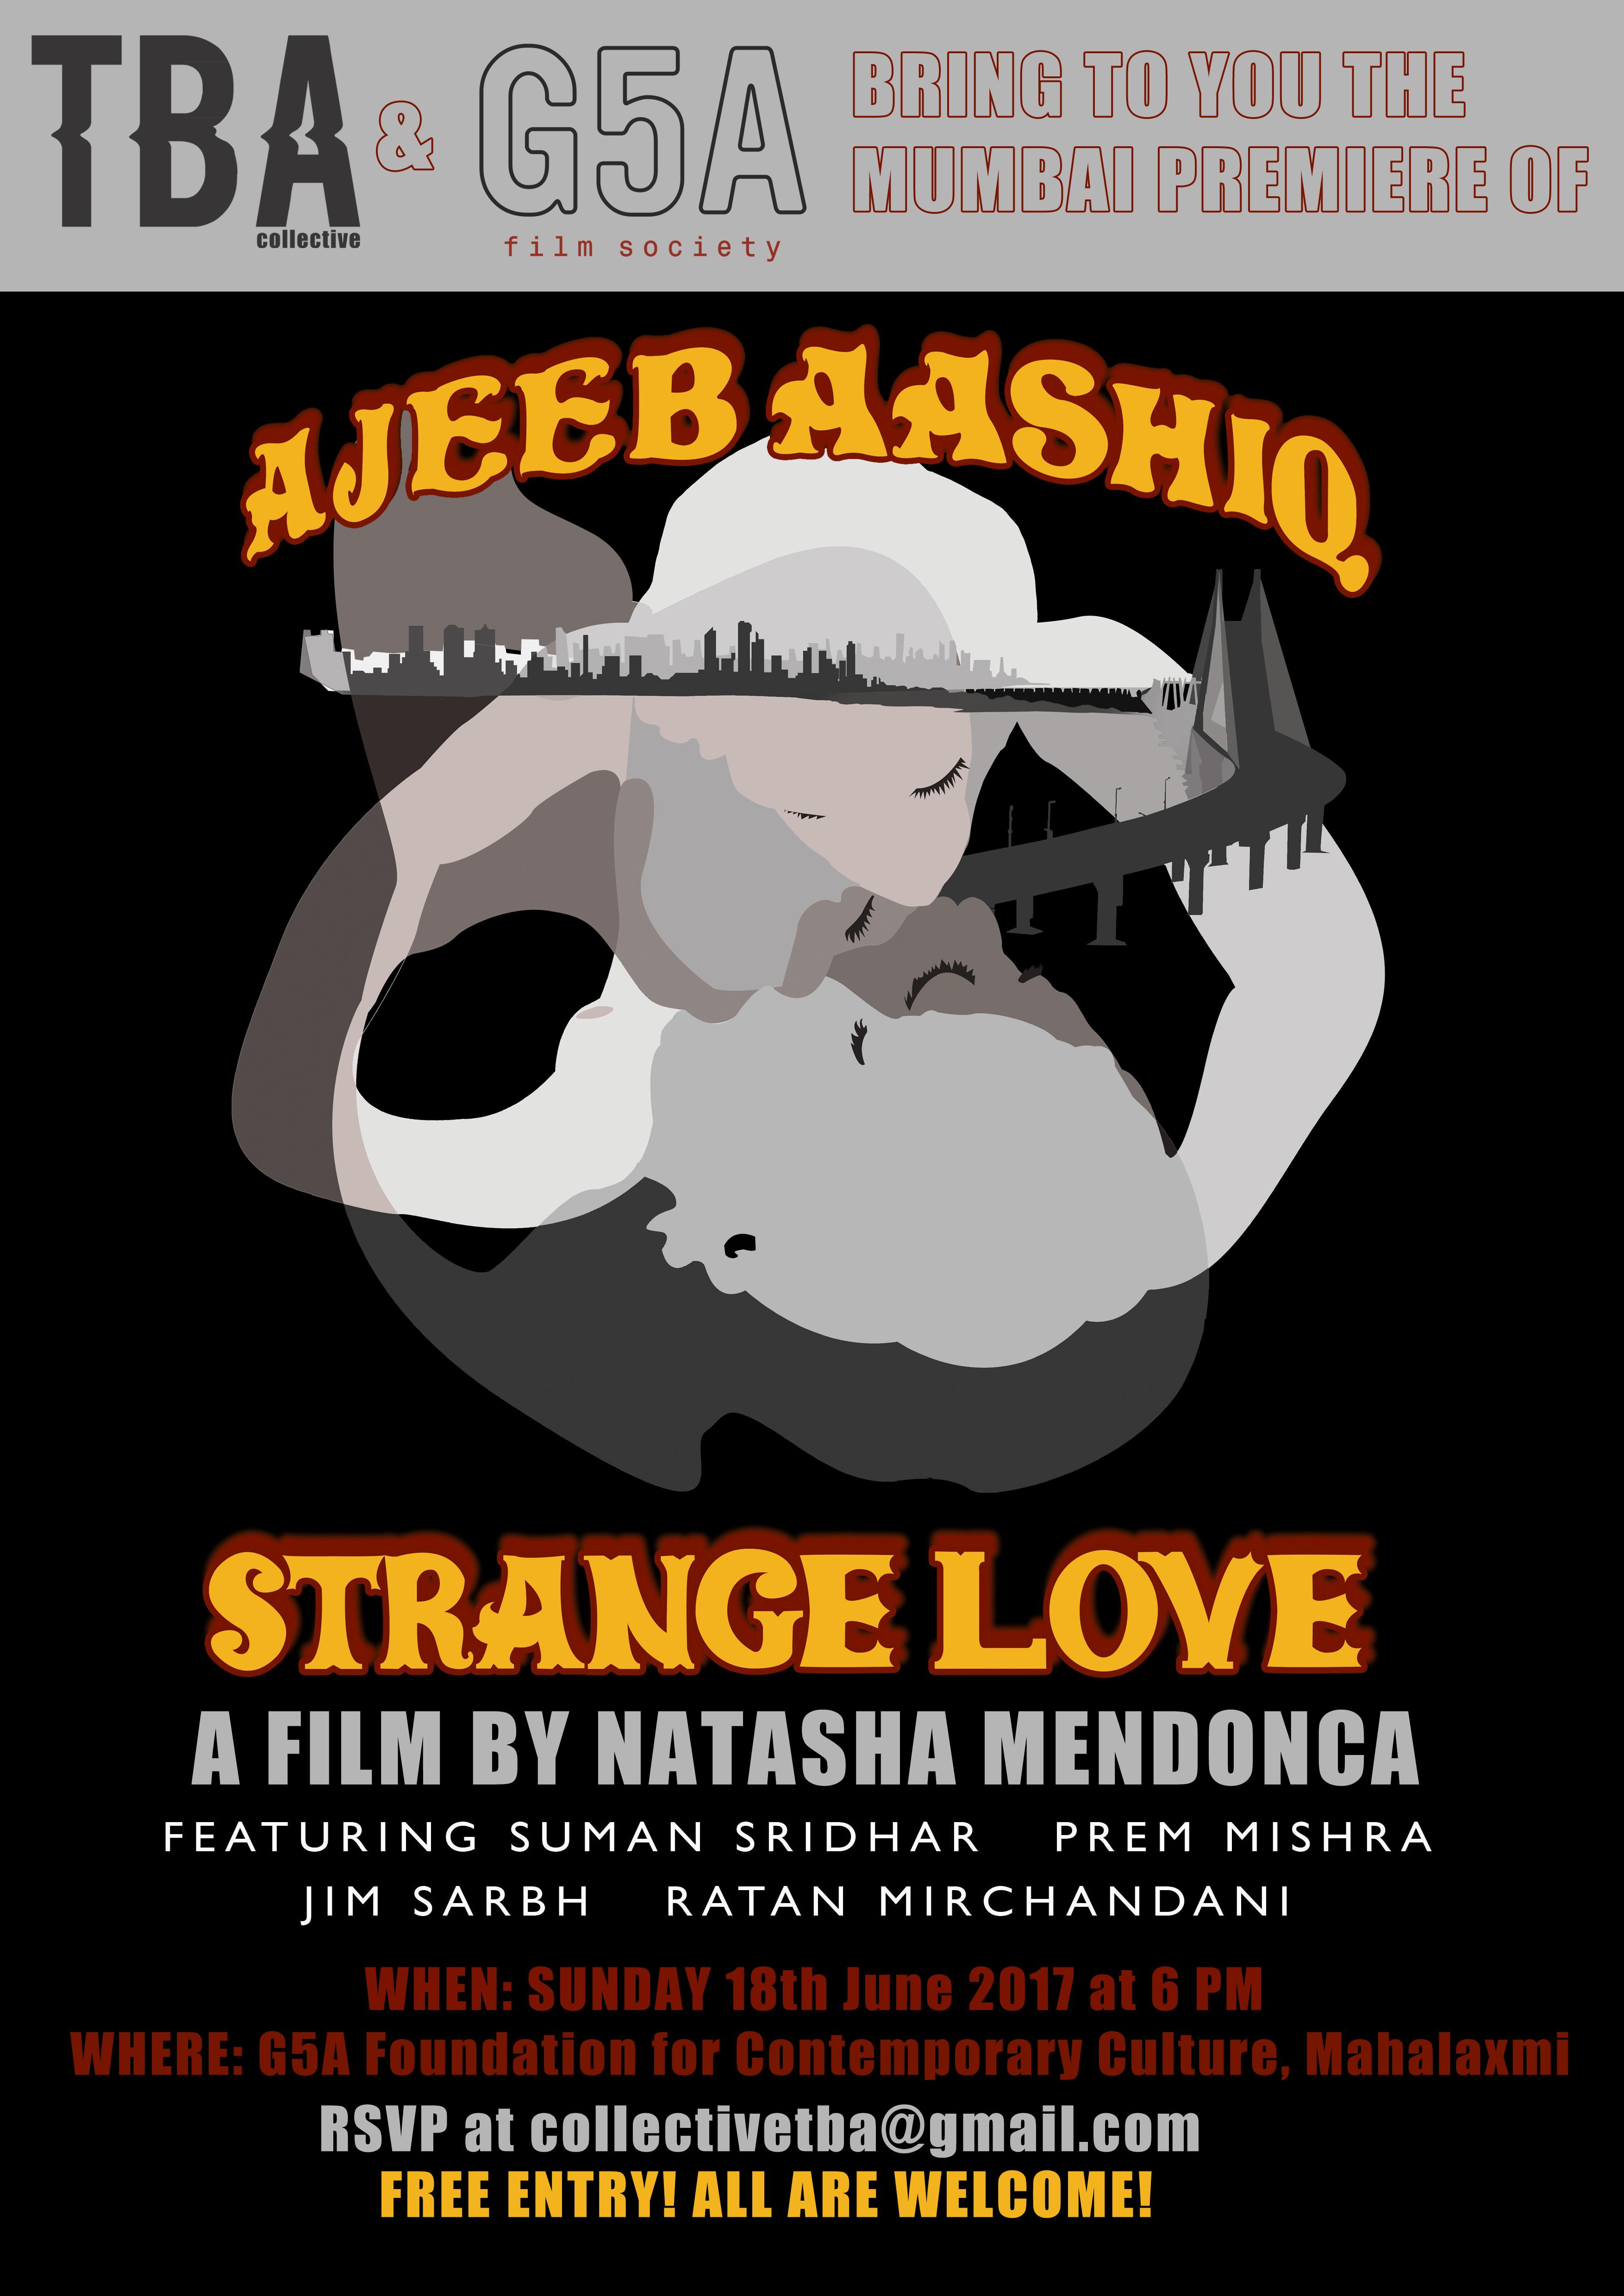 THE BOMBAY PREMIER OF AJEEB AASHIQ // STRANGE LOVE